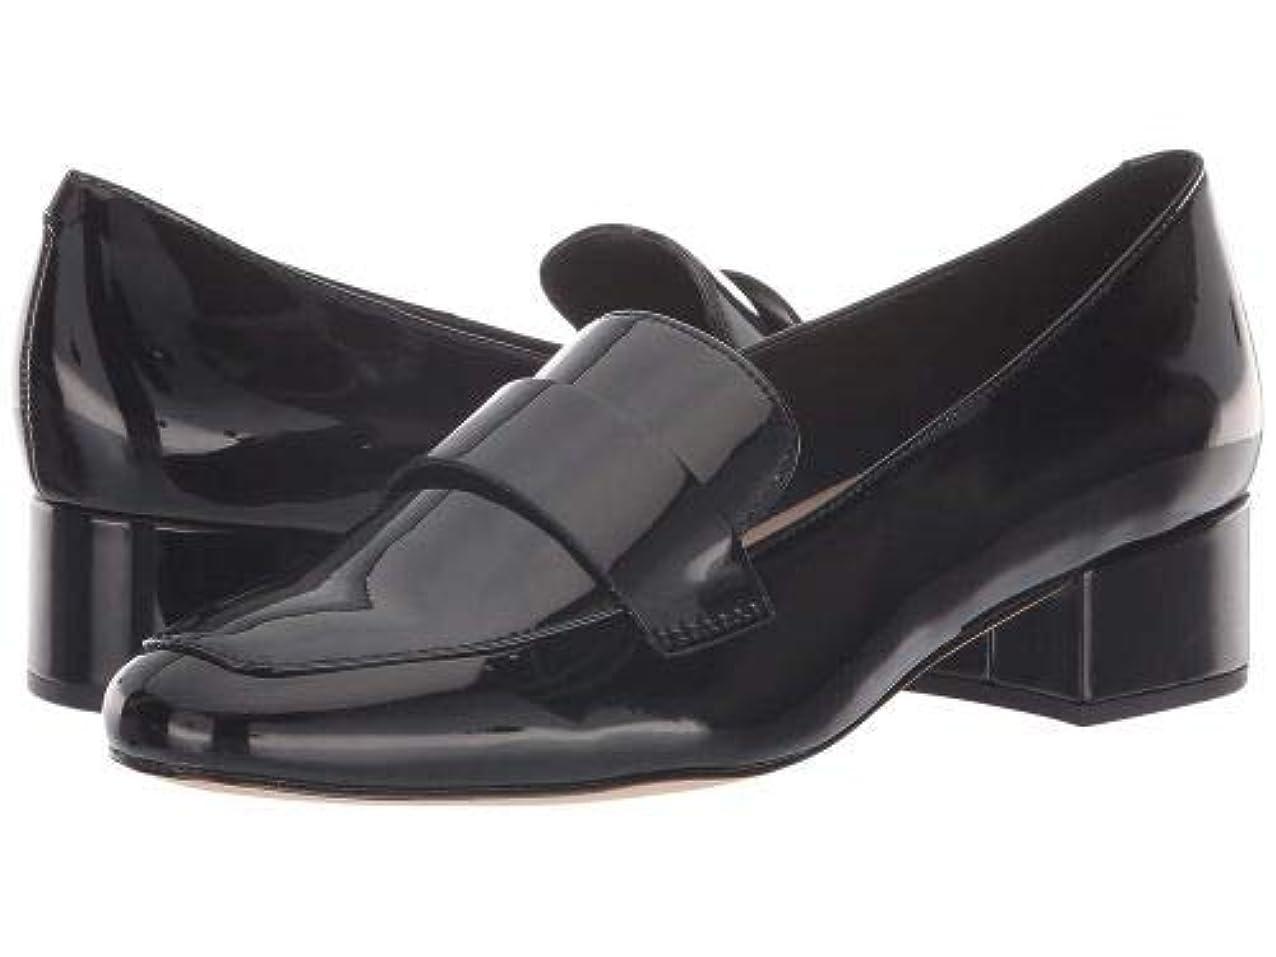 威する欠席気まぐれなAldo(アルド) レディース 女性用 シューズ 靴 ローファー ボートシューズ Ocayni - Black Patent [並行輸入品]